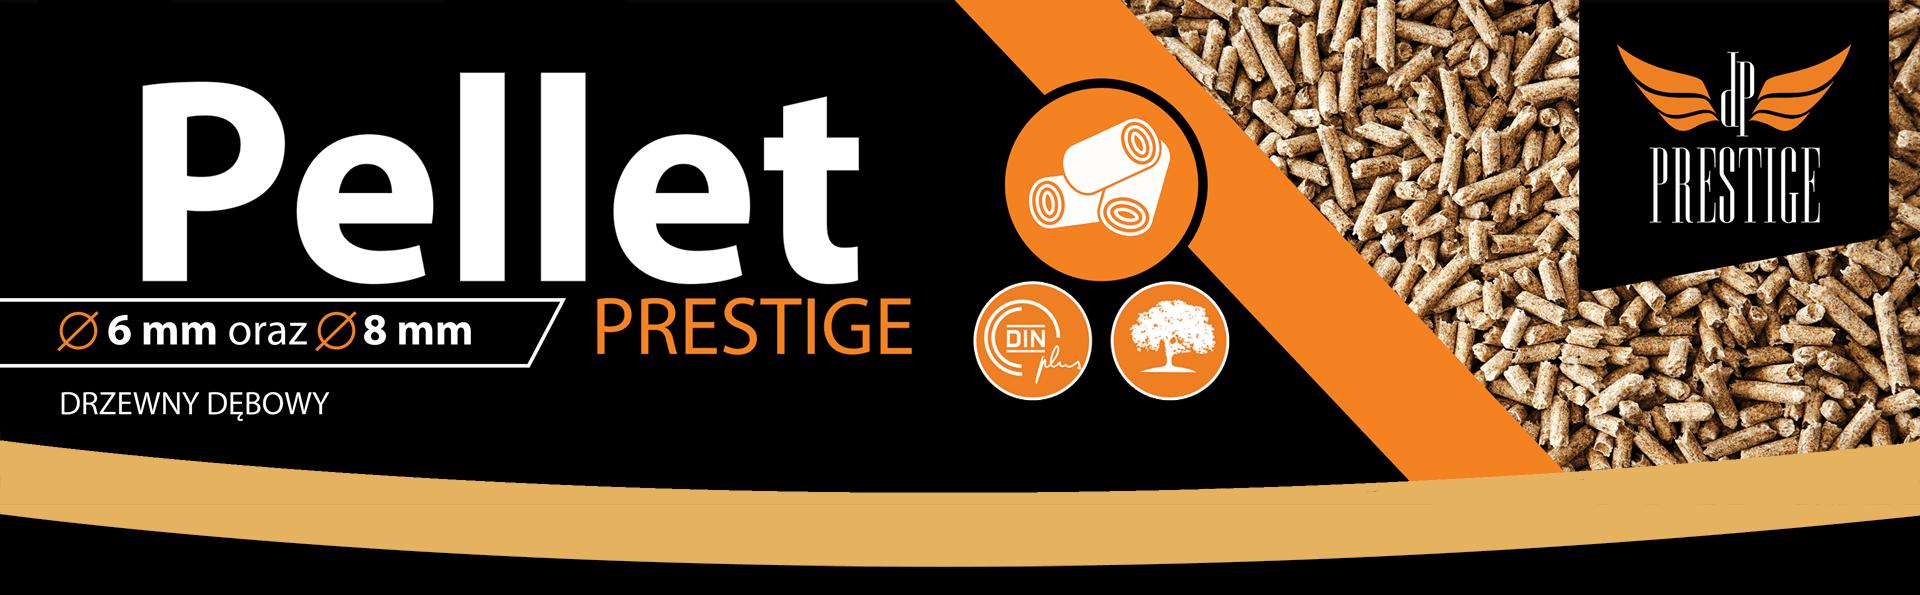 Pellet Prestige - Drzewny 100% Dębowy